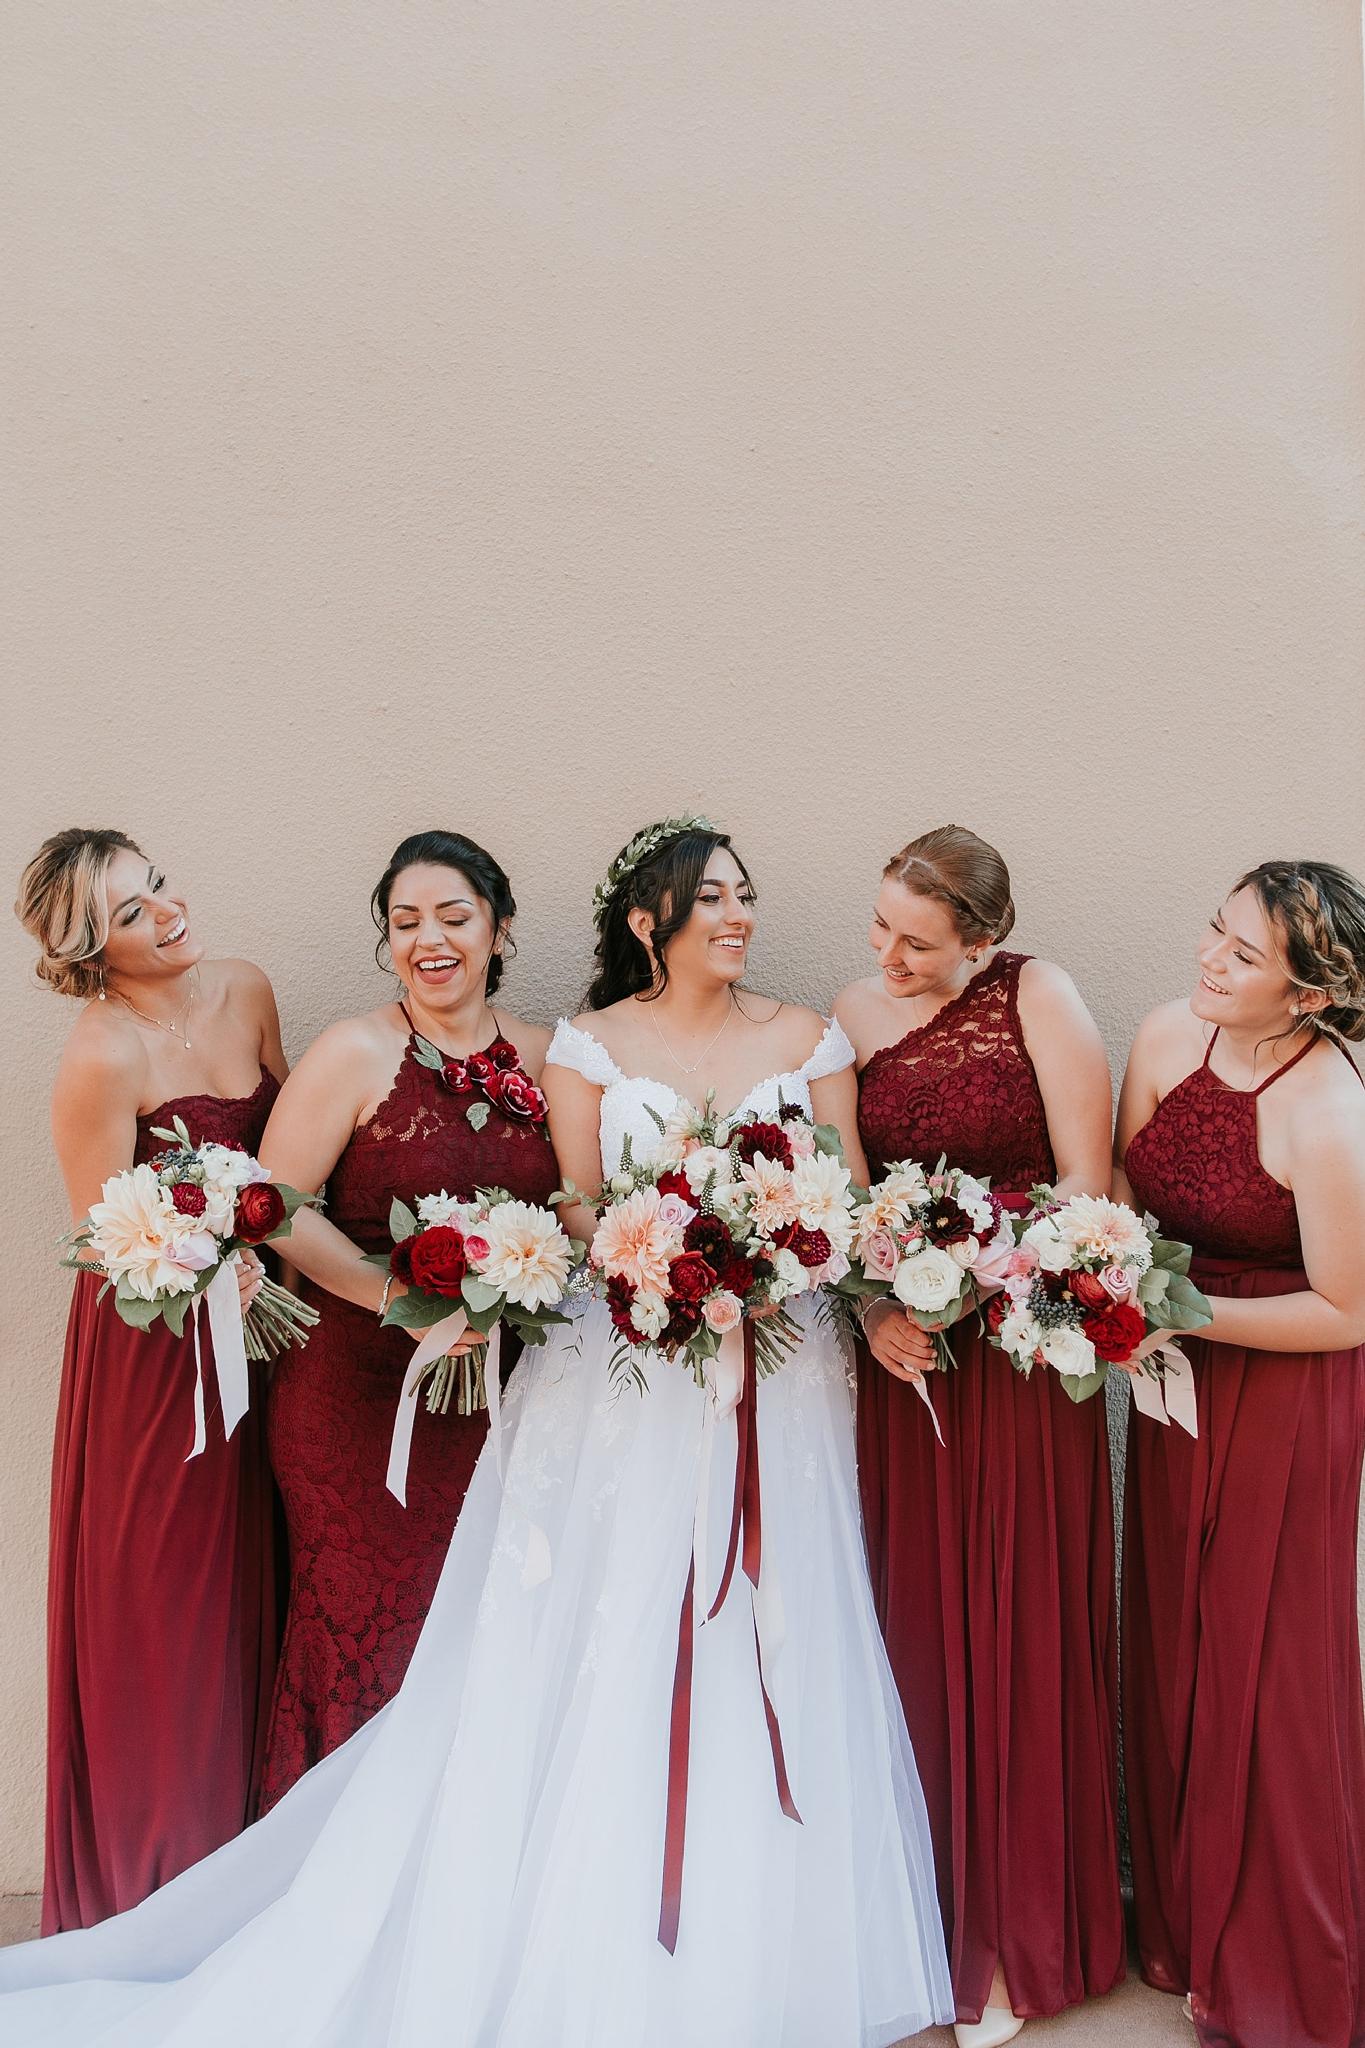 Alicia+lucia+photography+-+albuquerque+wedding+photographer+-+santa+fe+wedding+photography+-+new+mexico+wedding+photographer+-+new+mexico+wedding+-+new+mexico+wedding+-+colorado+wedding+-+bridesmaids+-+bridesmaid+style_0047.jpg